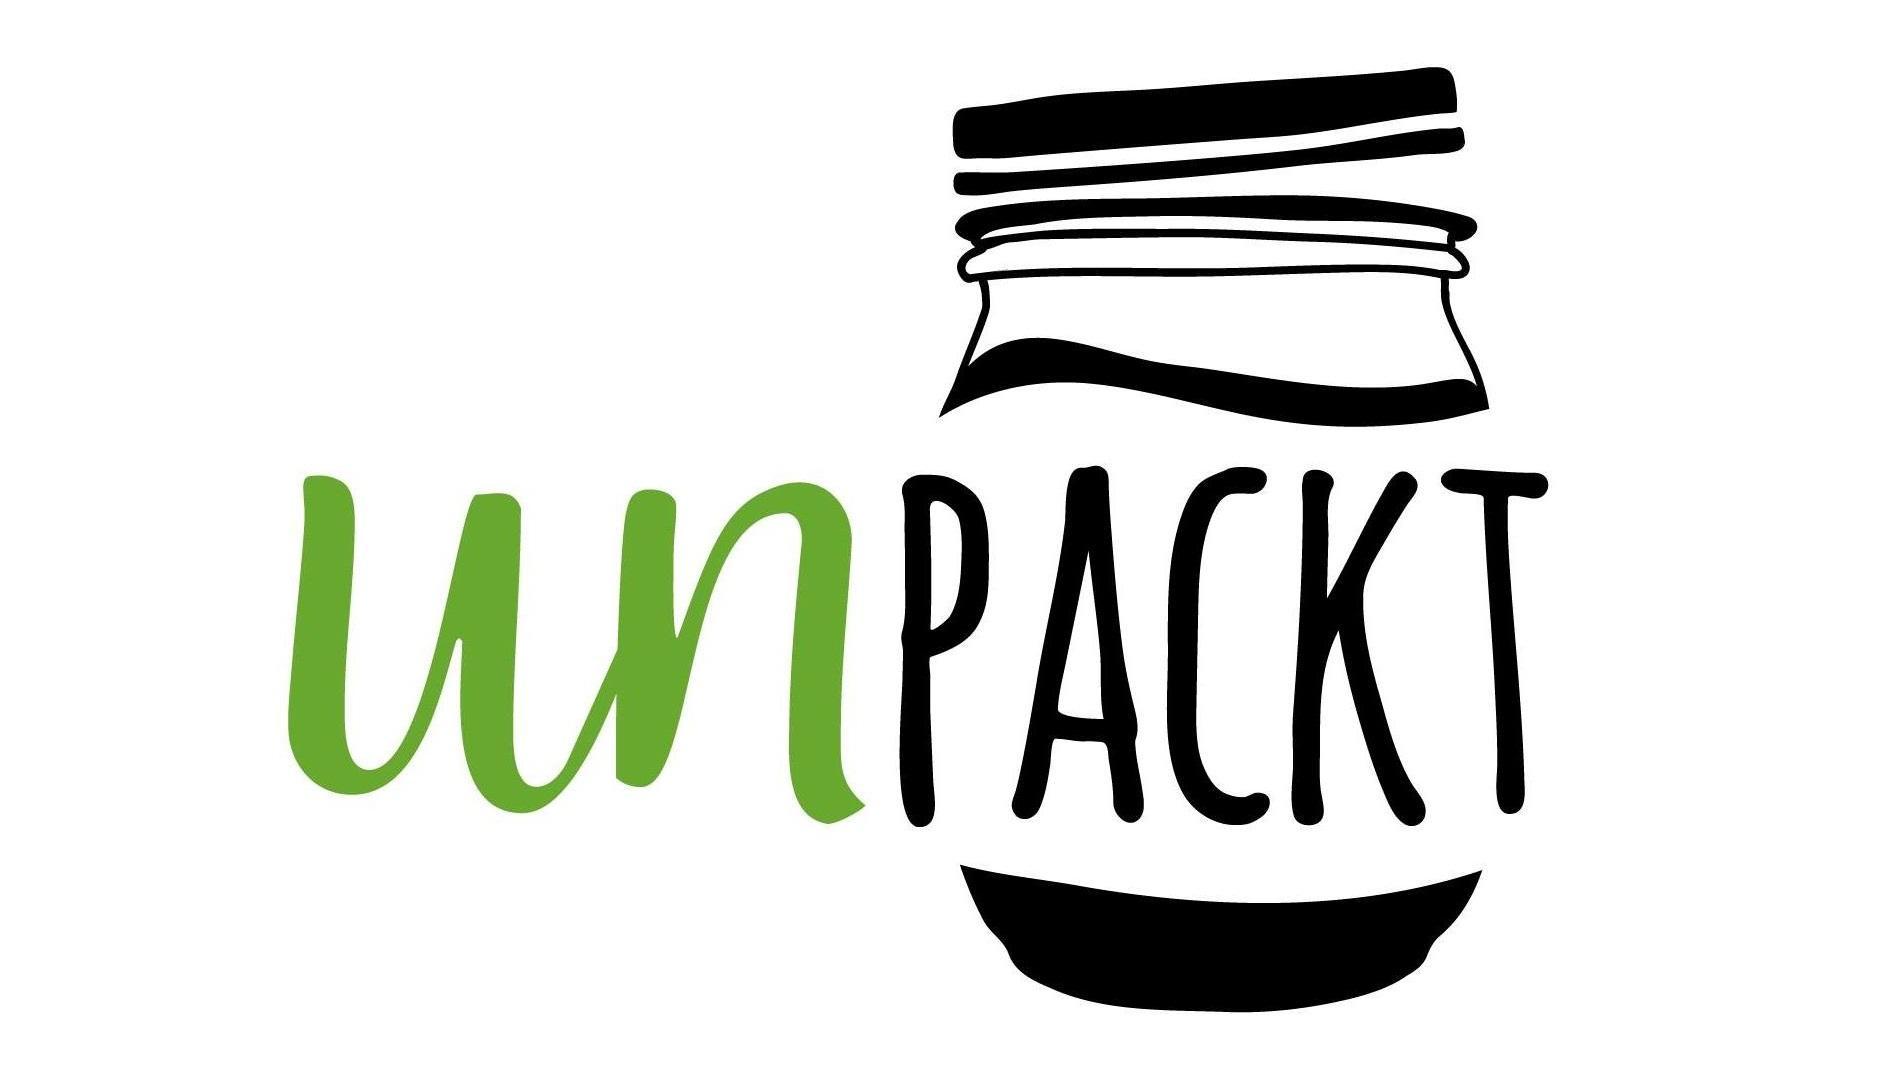 unpackt-logo-1524758729411.jpg